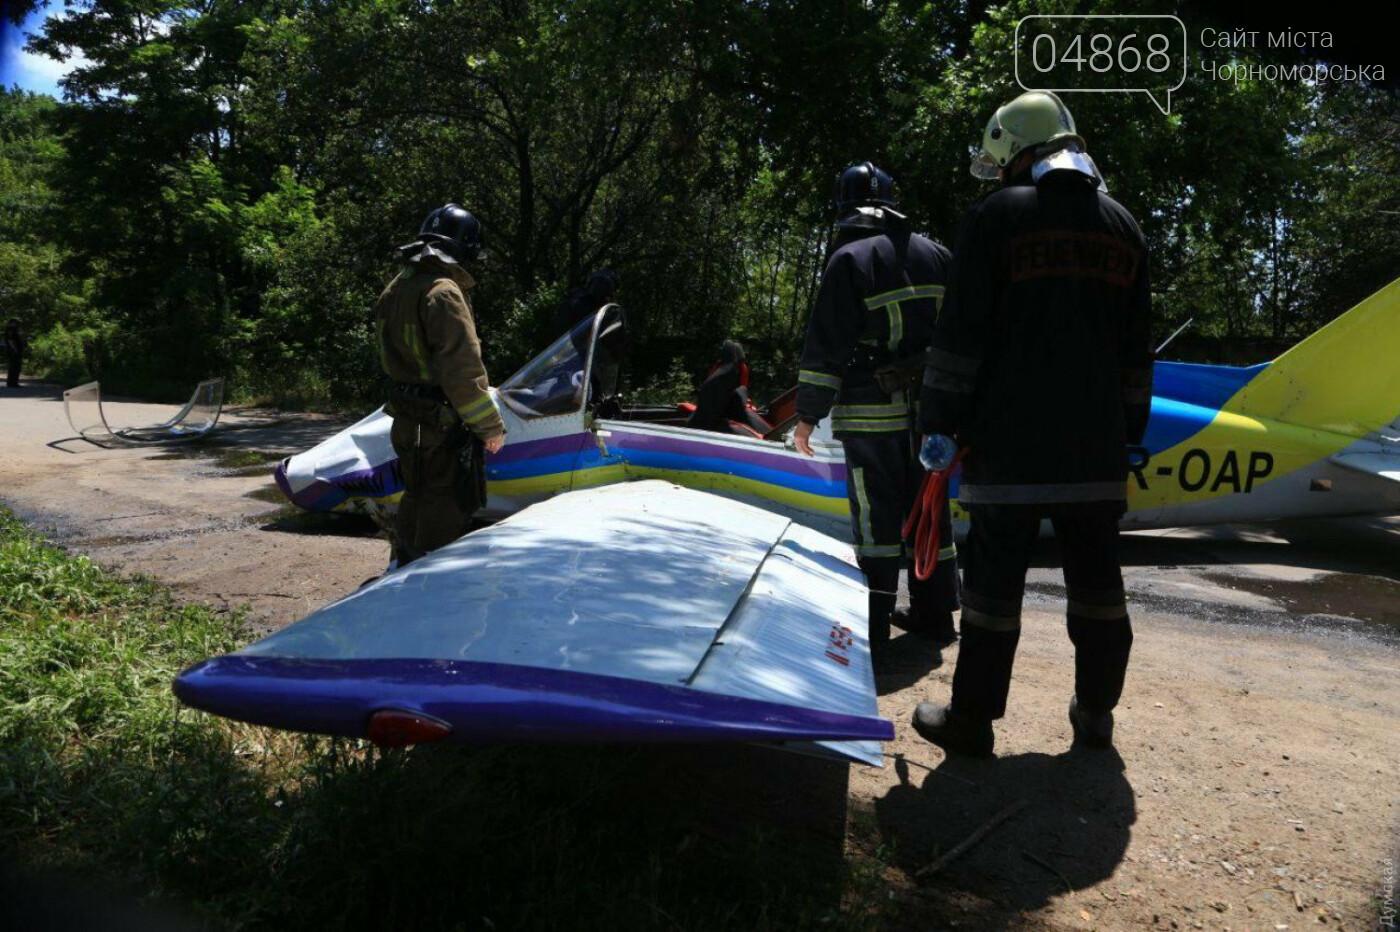 Смертельное ЧП: в Одессе разбился самолет авиазавода (обновлено), фото-2